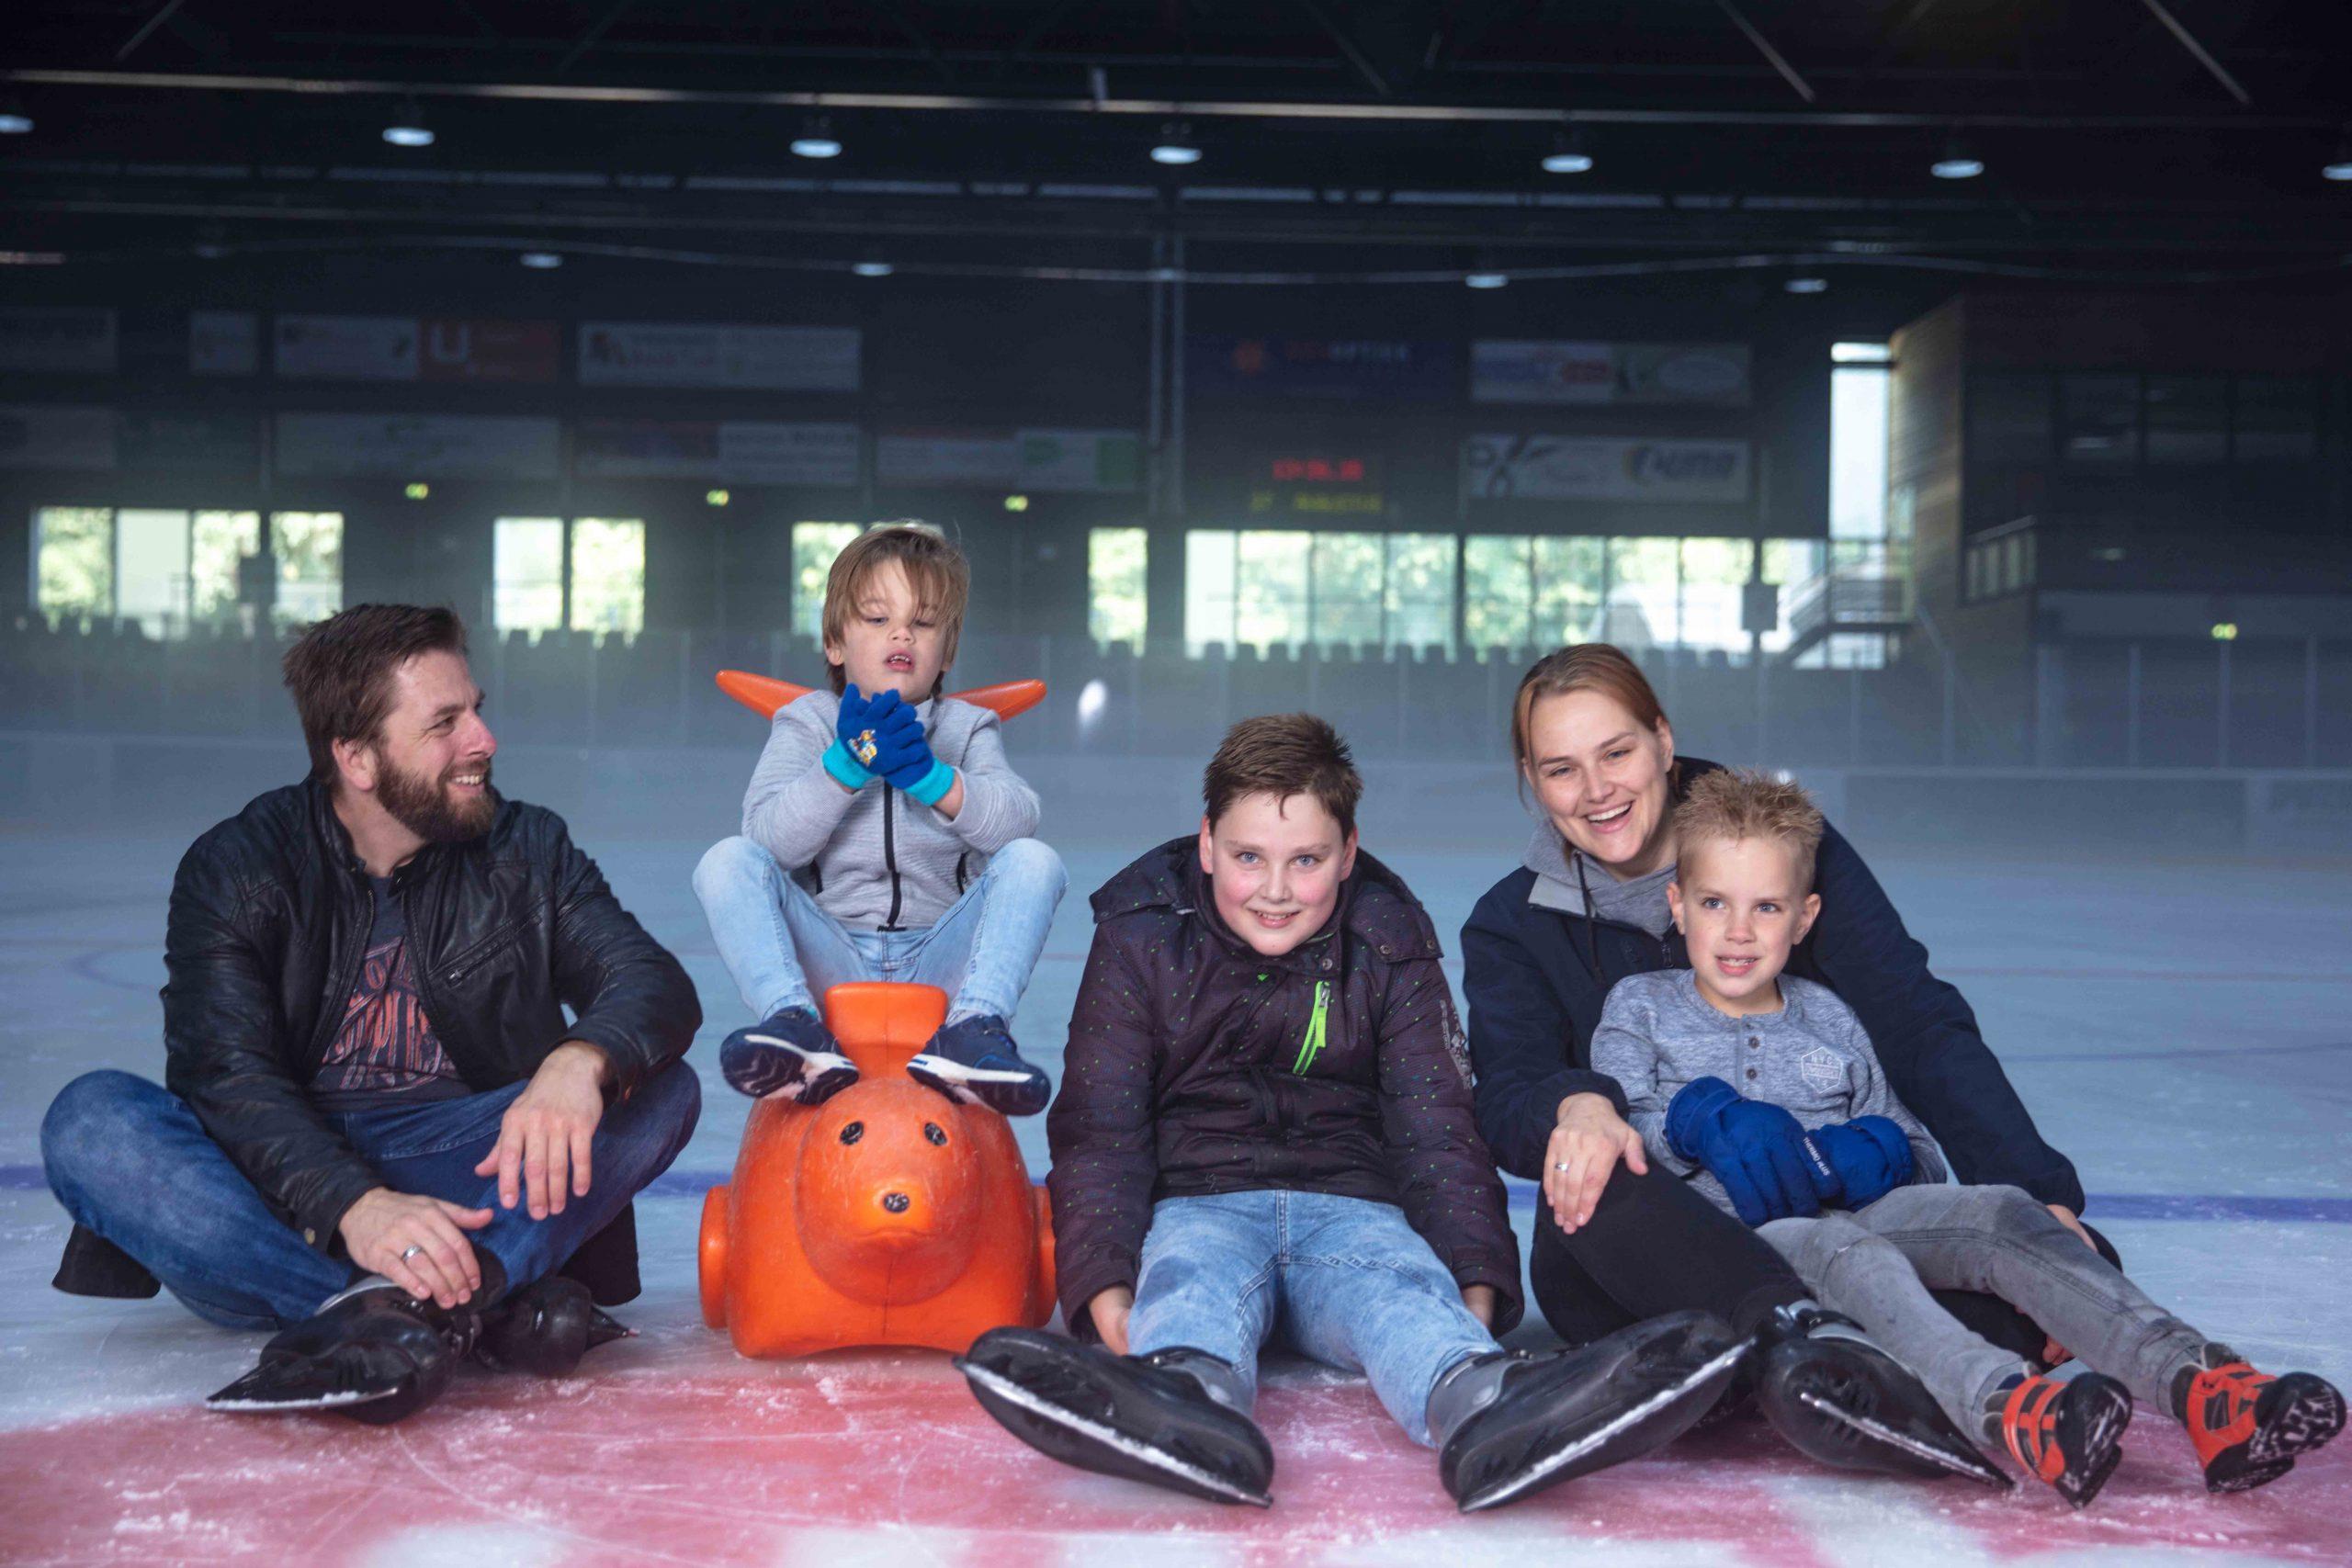 Voor het echte wintergevoel ga je natuurlijk schaatsen. In De Uithof in Den Haag is de 400 meter schaatsbaan van oktober t/m maart geopend. In De Uithof kan je ook skiën, snowboarden, klimmen, karten en lasergamen. Genoeg leuke dingen dus voor een regenachtige dag!